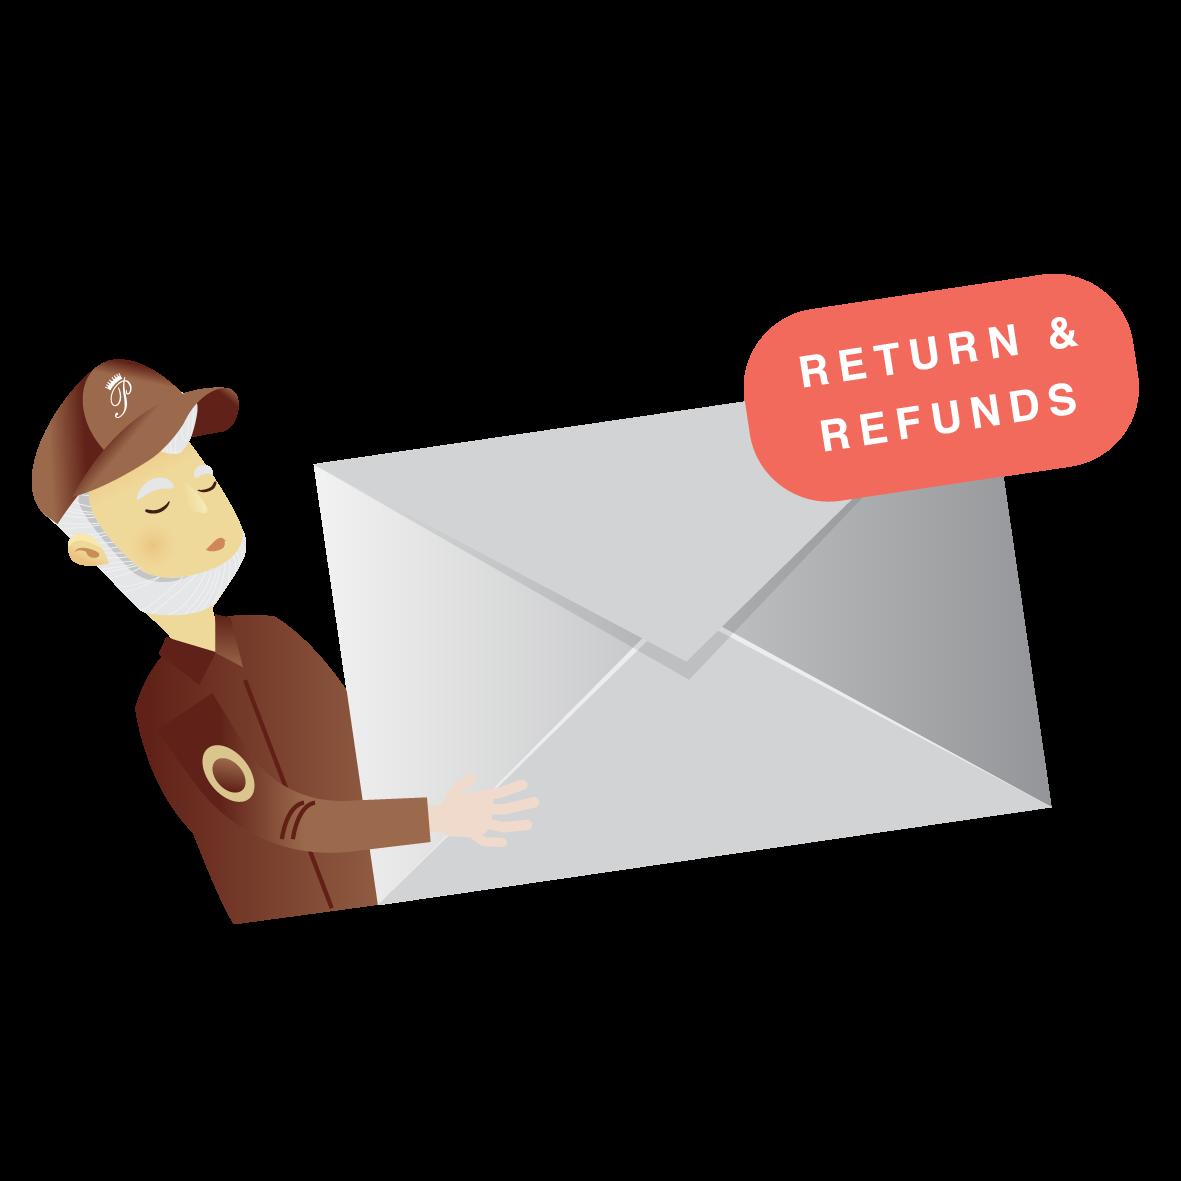 Propshop   Return & Refunds